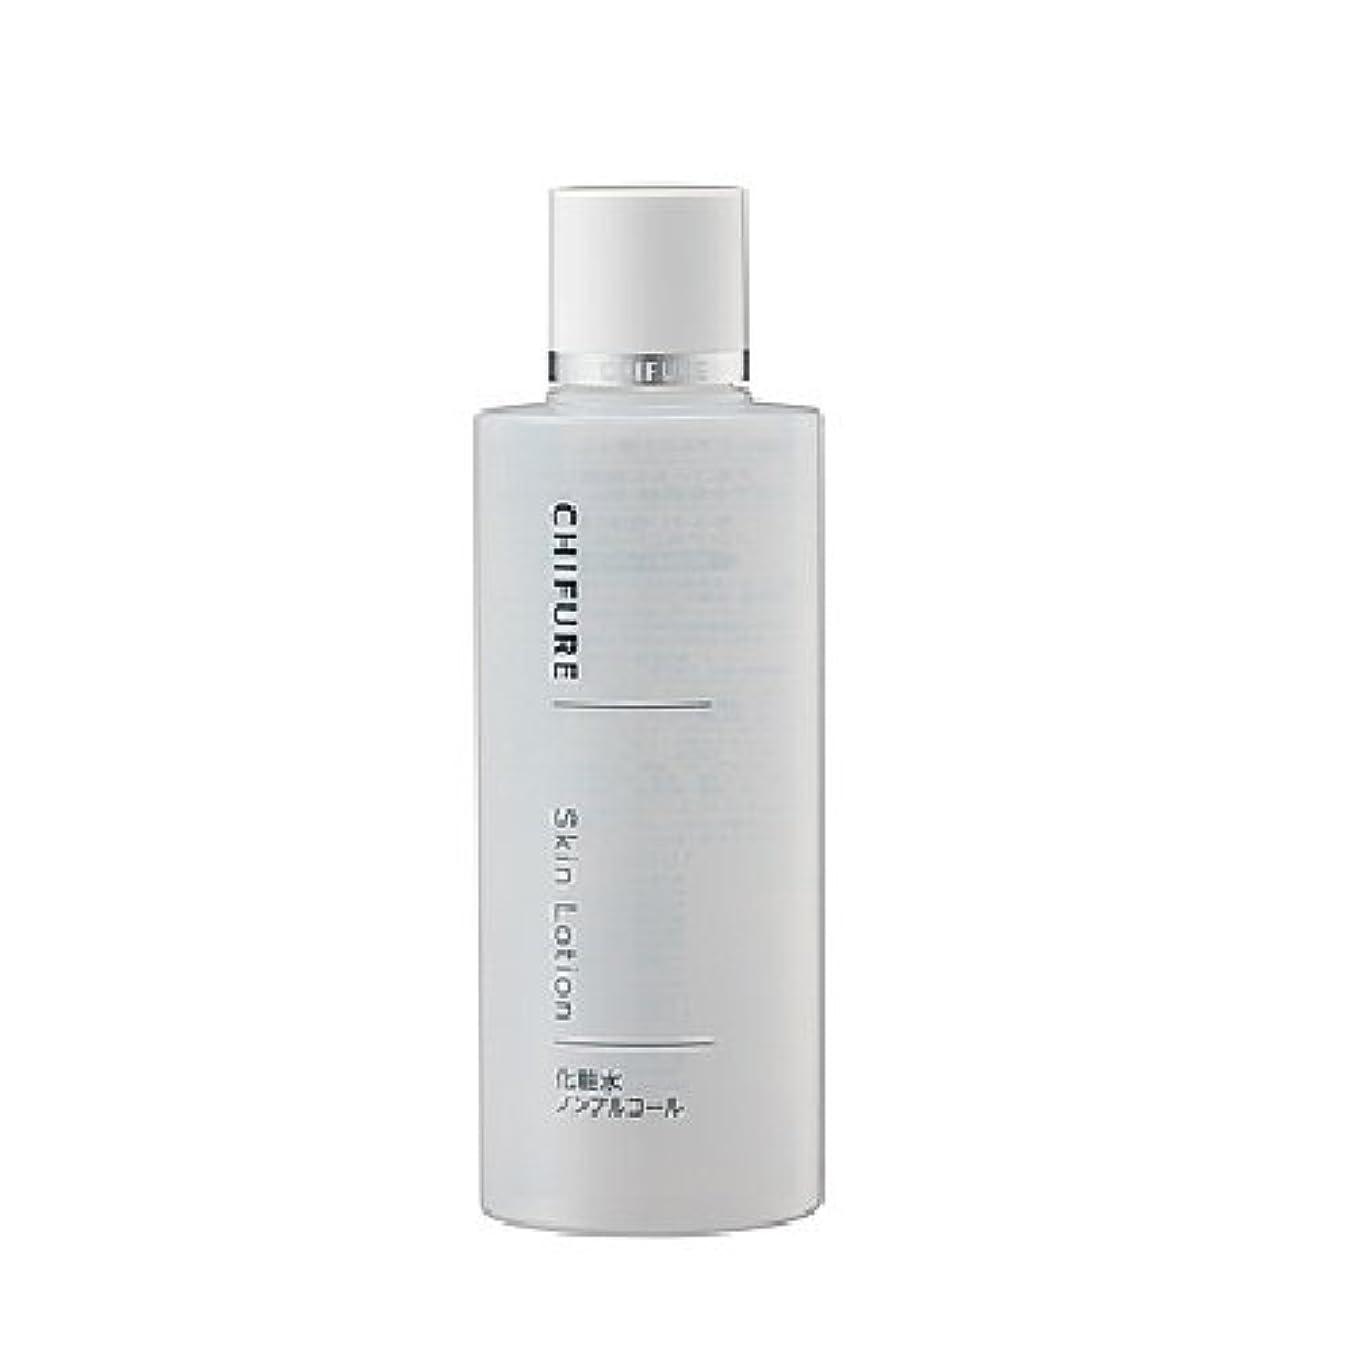 ランデブーヘビフォークちふれ化粧品 化粧水 ノンアルコールタイプ 180ML